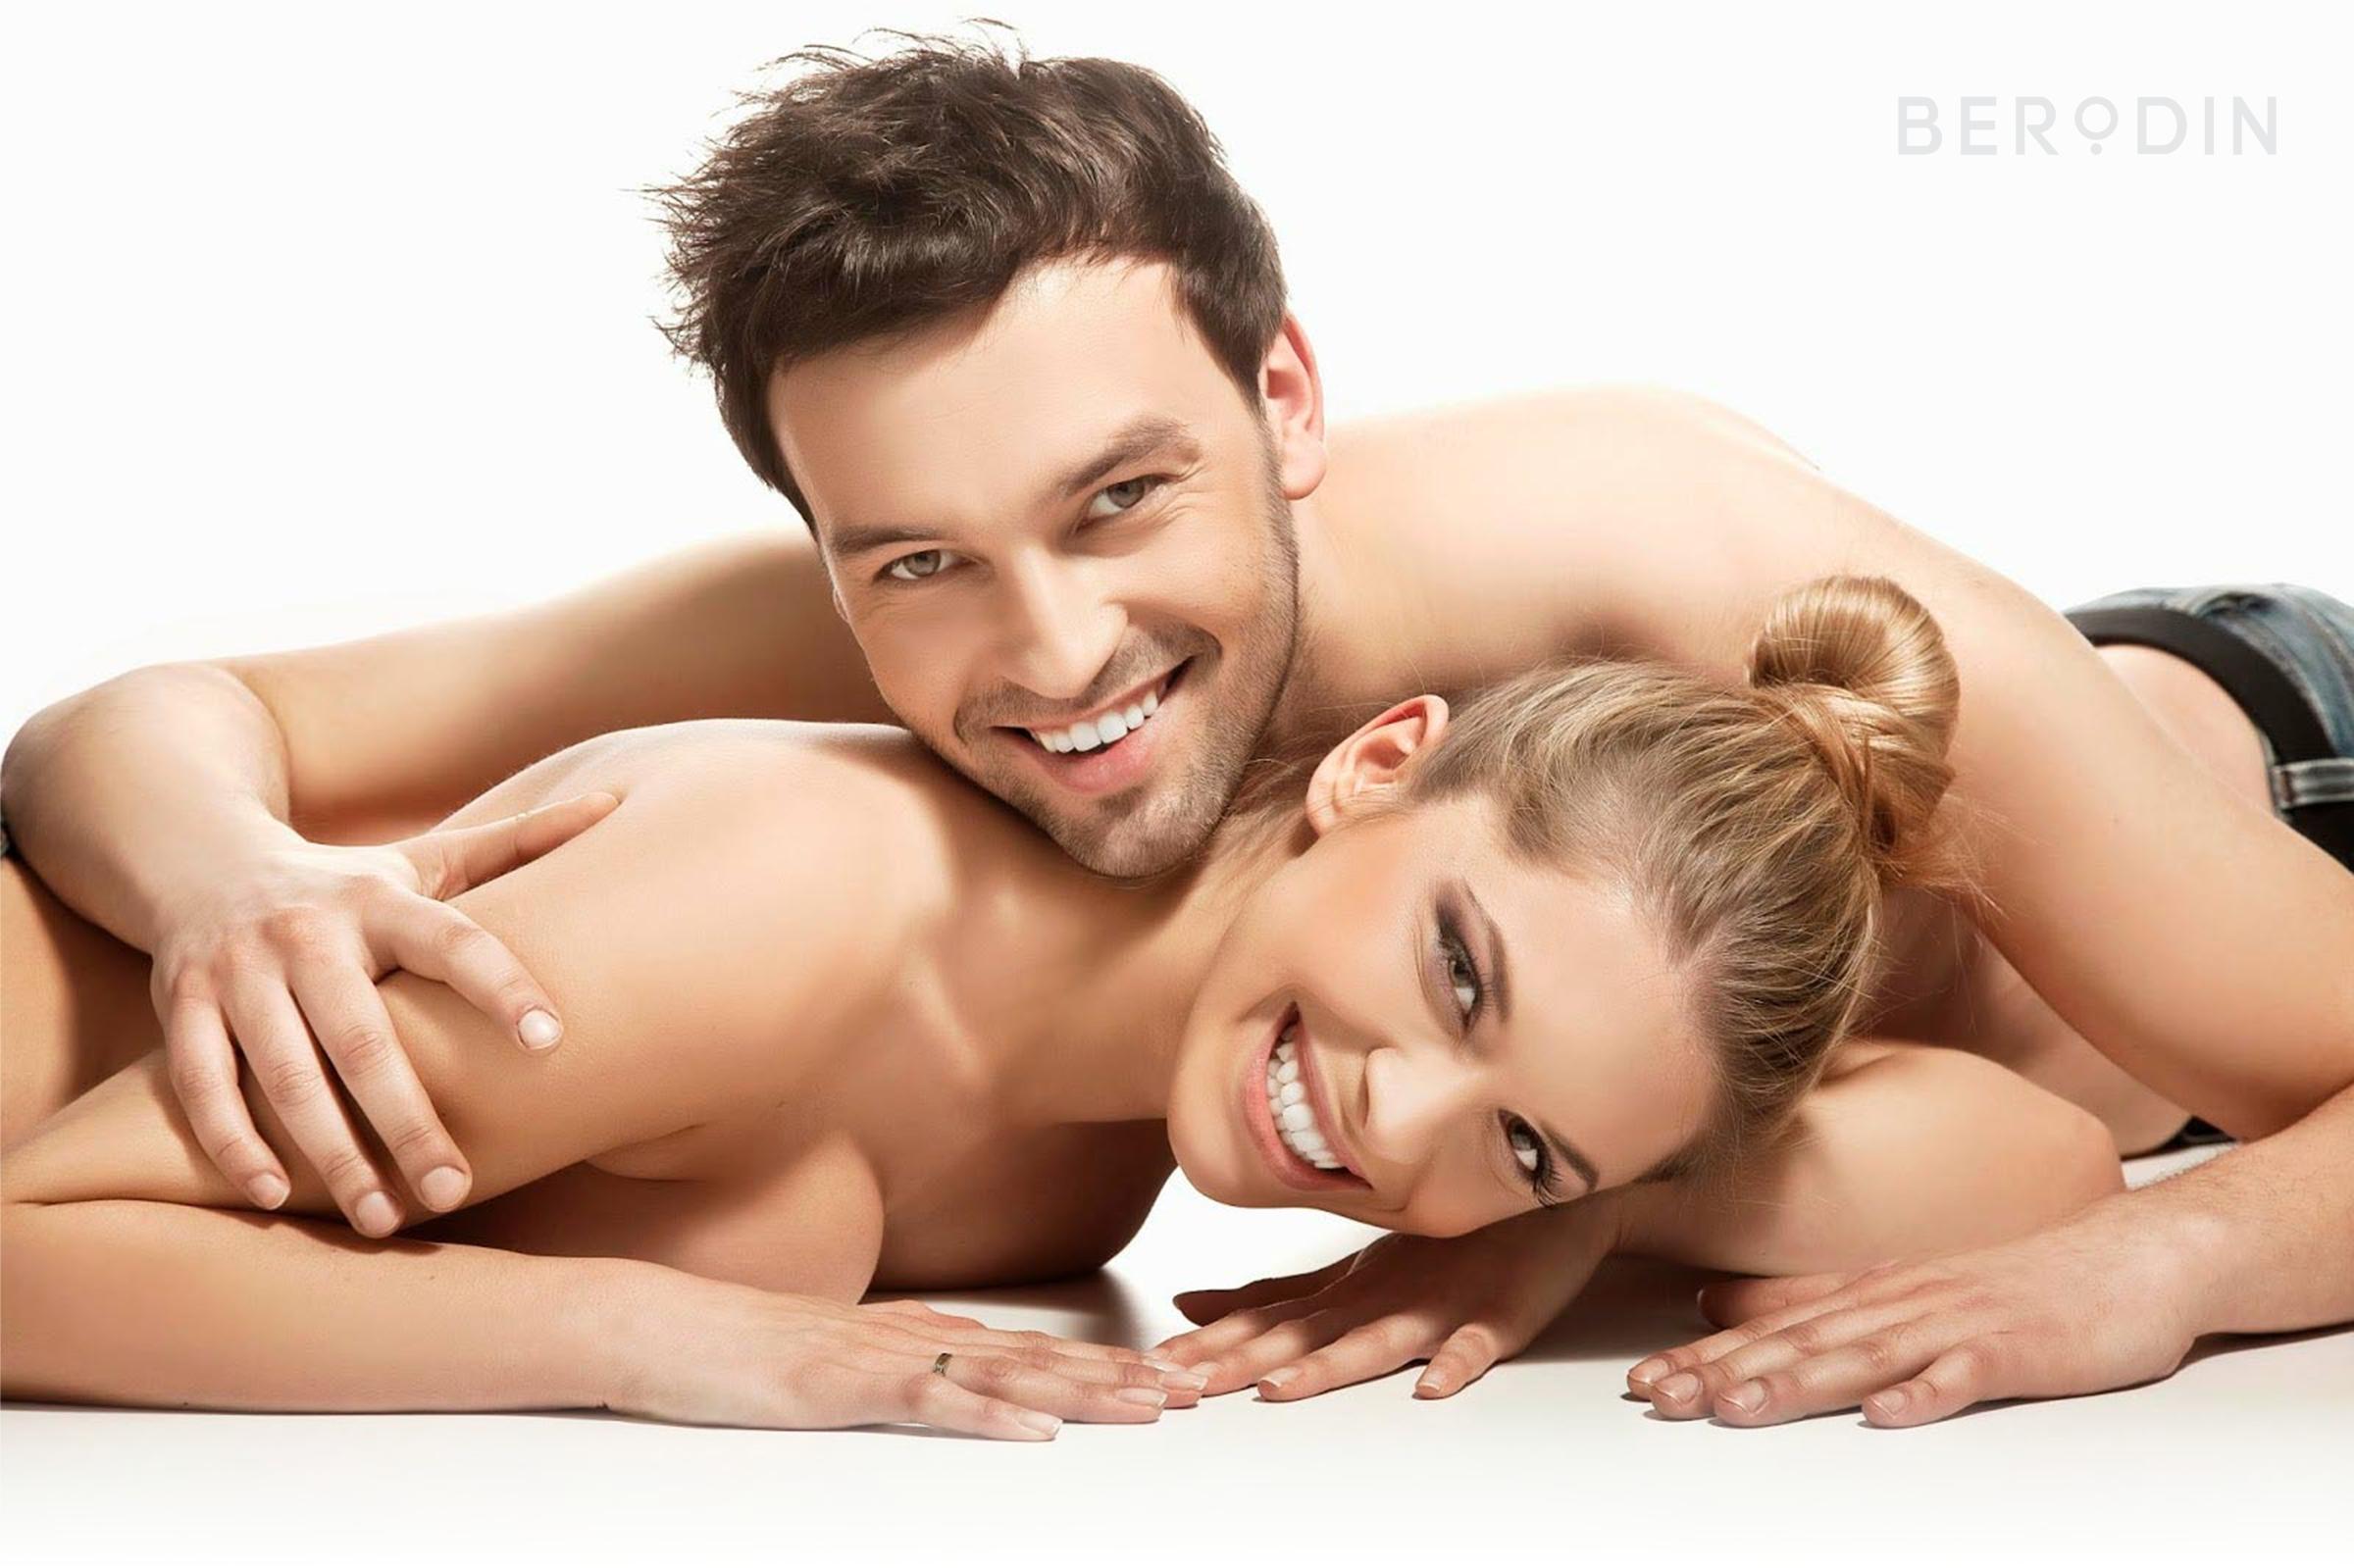 berodin-depilacion-intima-para-ellos